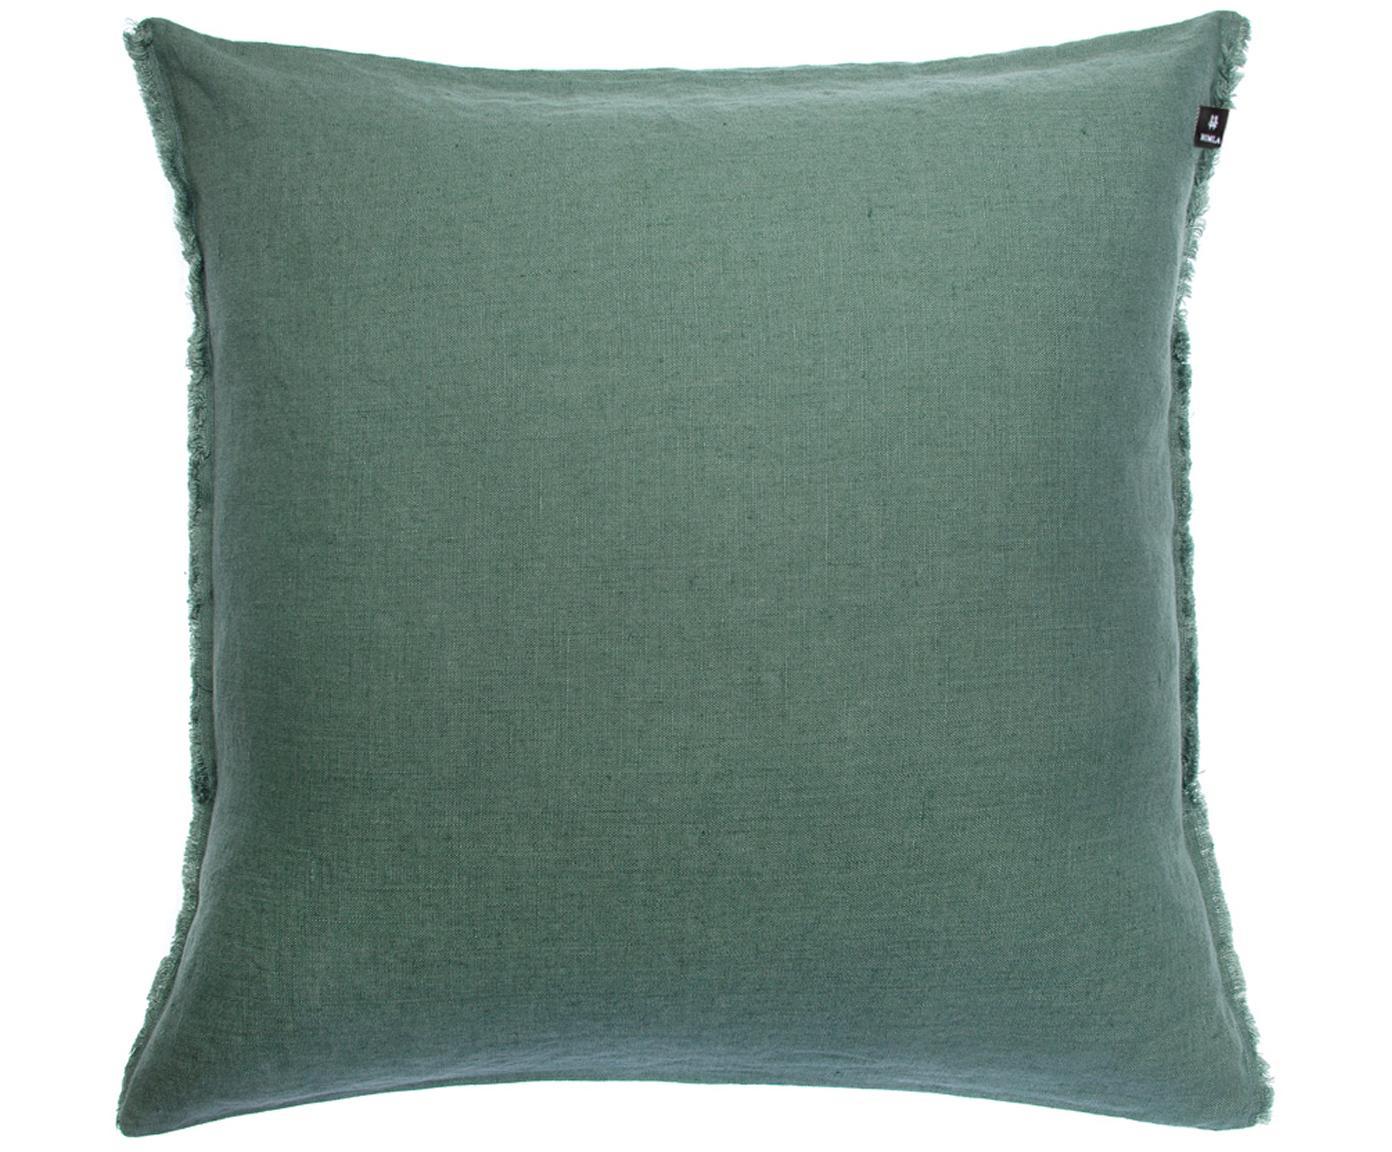 Poduszka z lnu Sunshine Fringe, Zielony, 50 x 50 cm